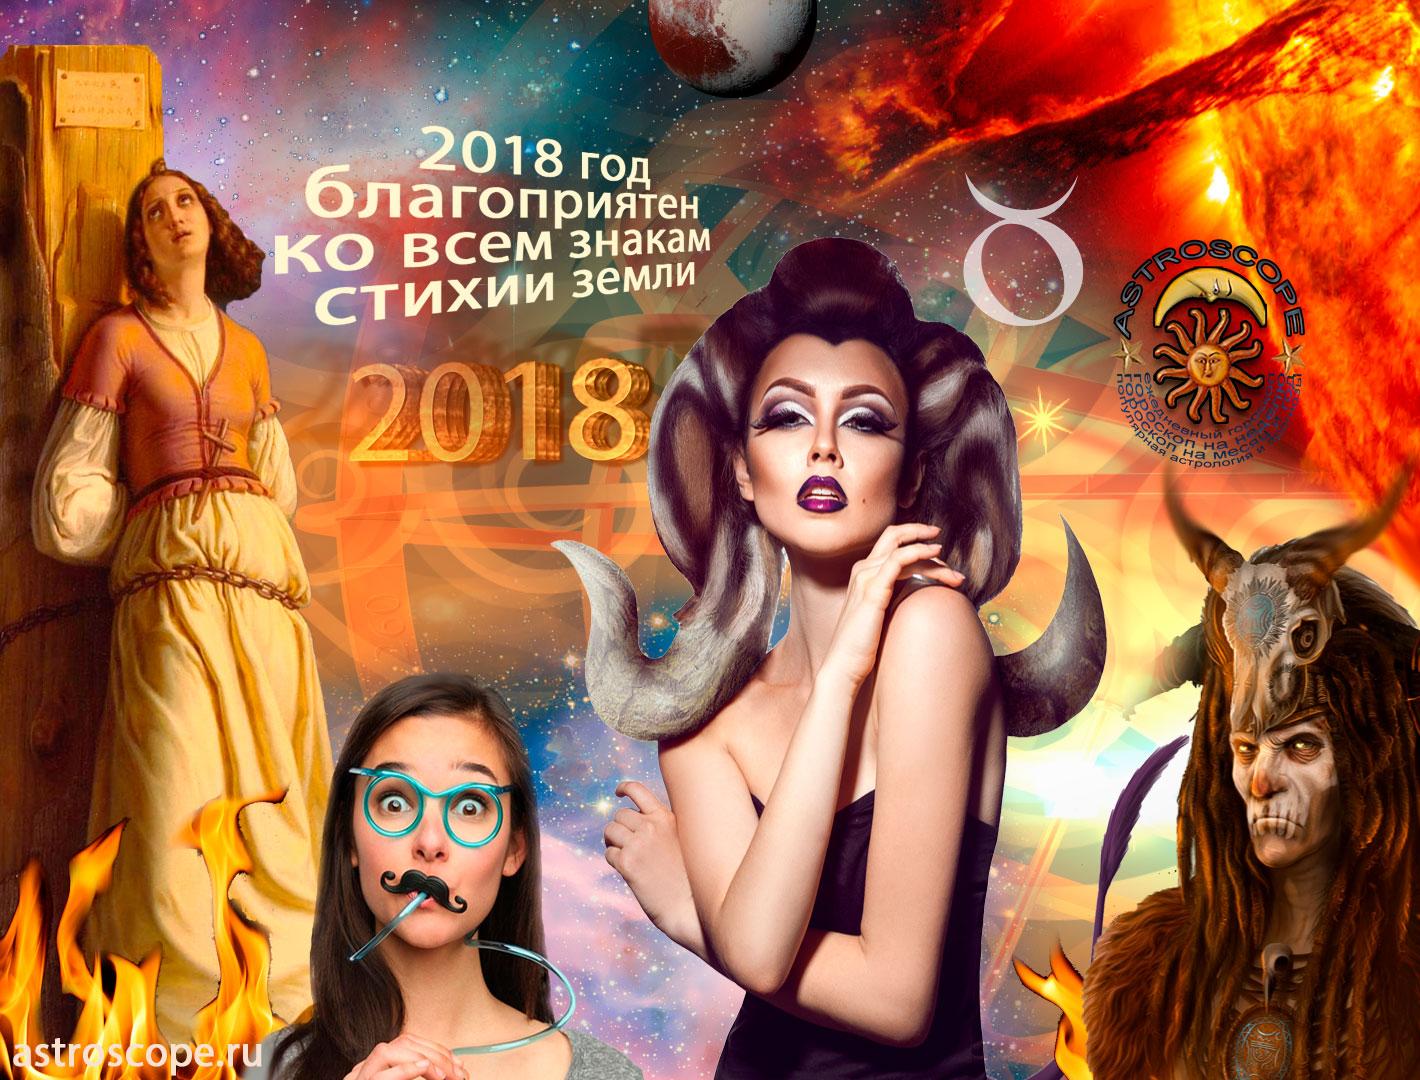 Гороскоп на 2018 год Телец, астрологический прогноз на 2018 год для <strong>гороскоп</strong> Тельцов